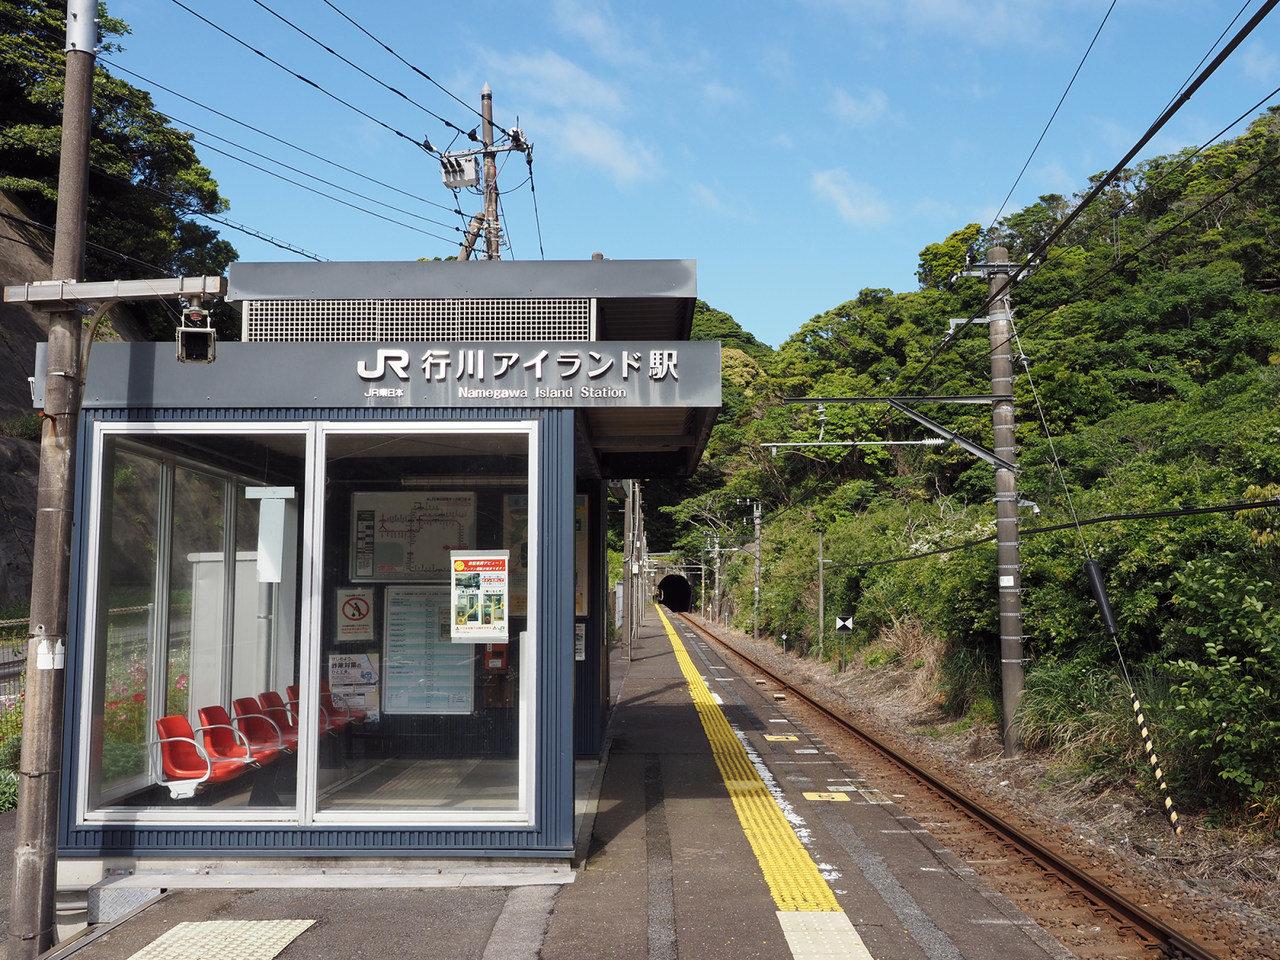 千葉県勝浦市にある無人駅「行川アイランド」。何と読む?